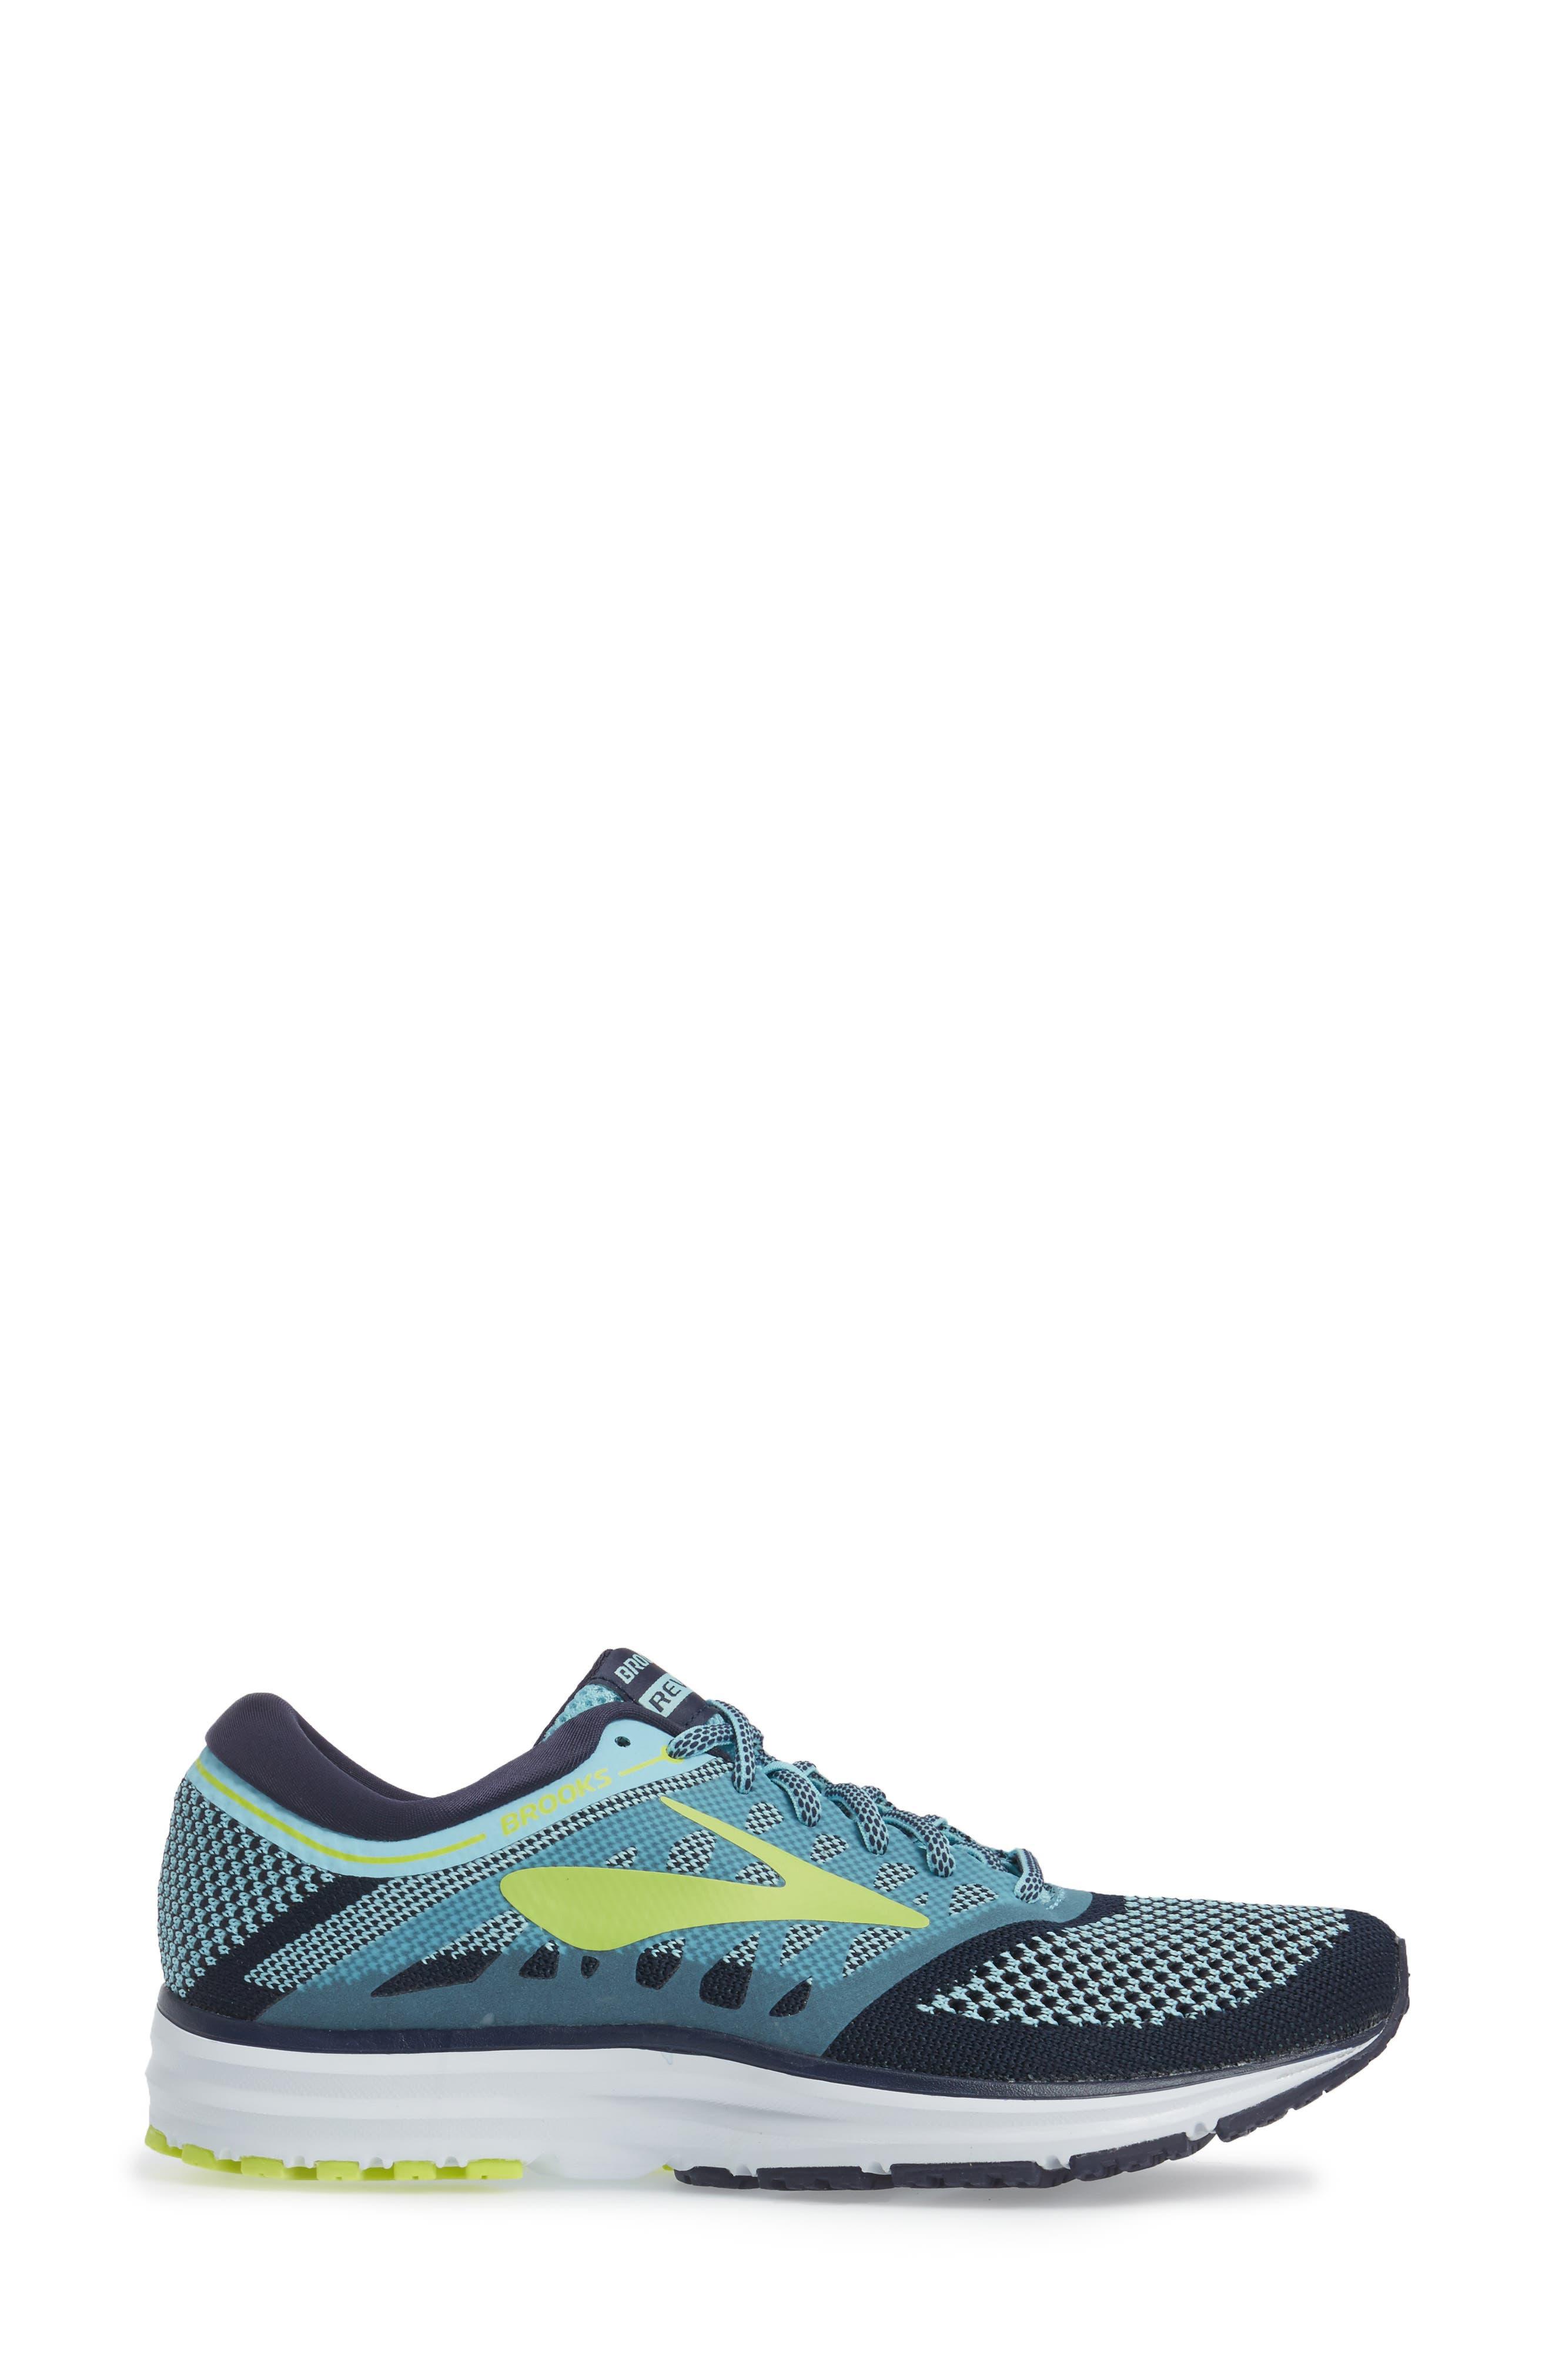 Revel Running Shoe,                             Alternate thumbnail 17, color,